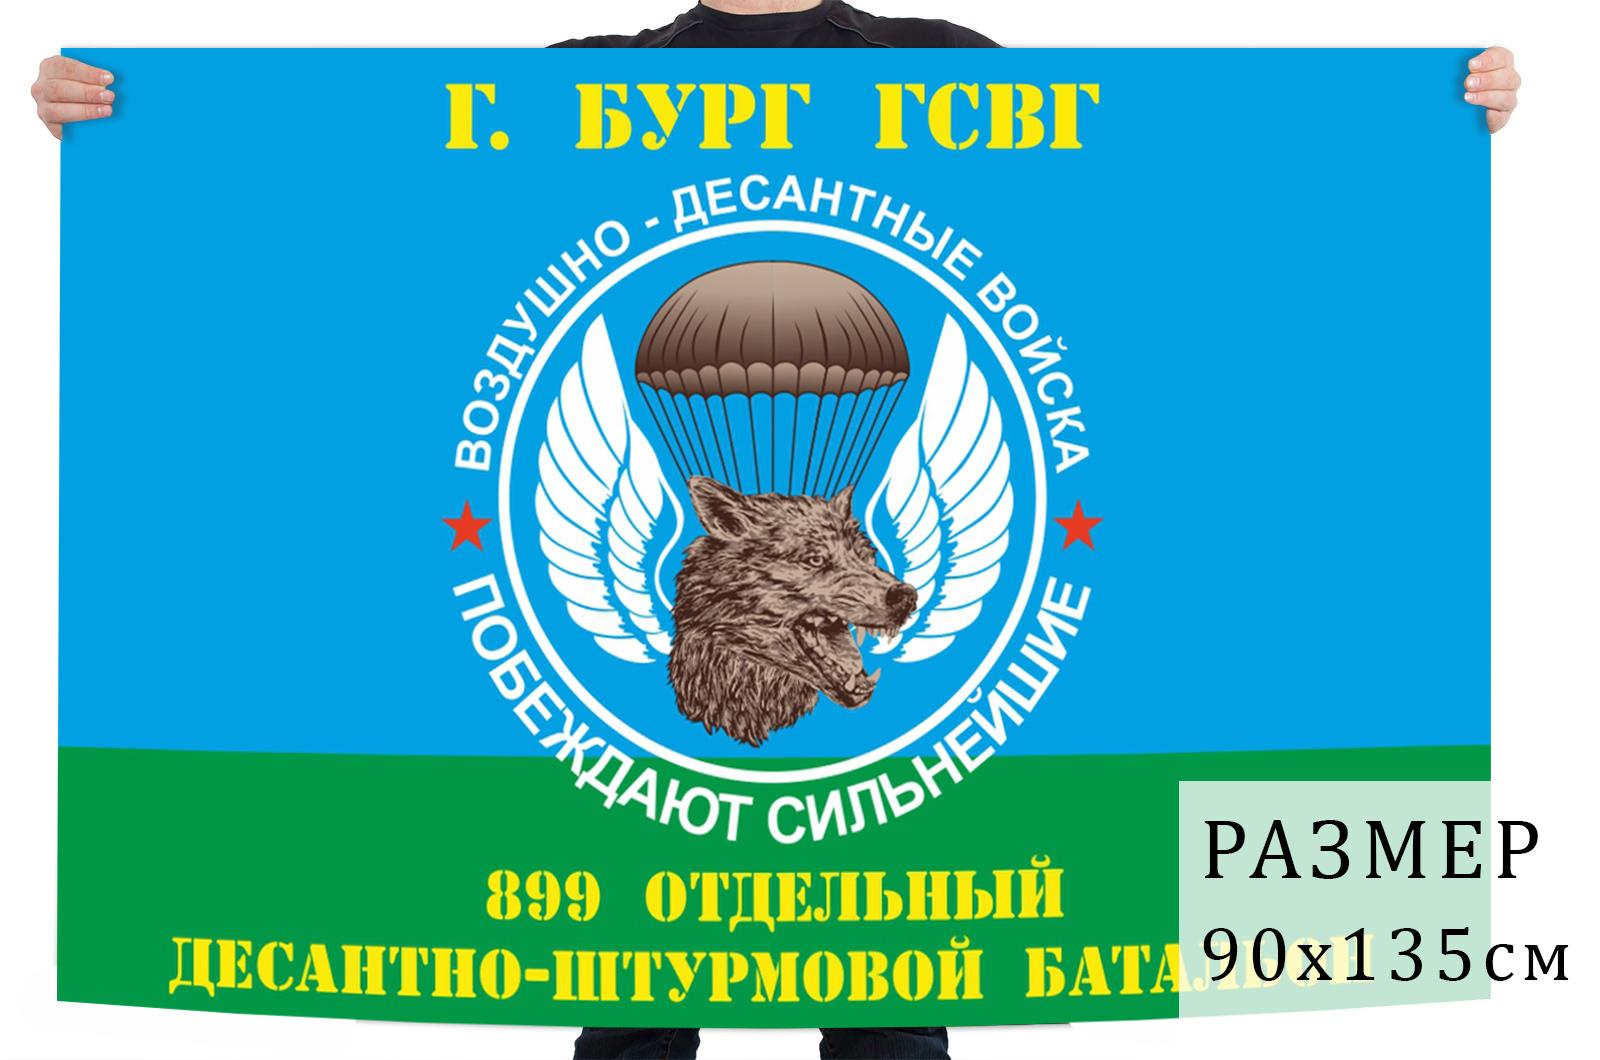 Флаг 899 отдельного десантно-штурмового батальона